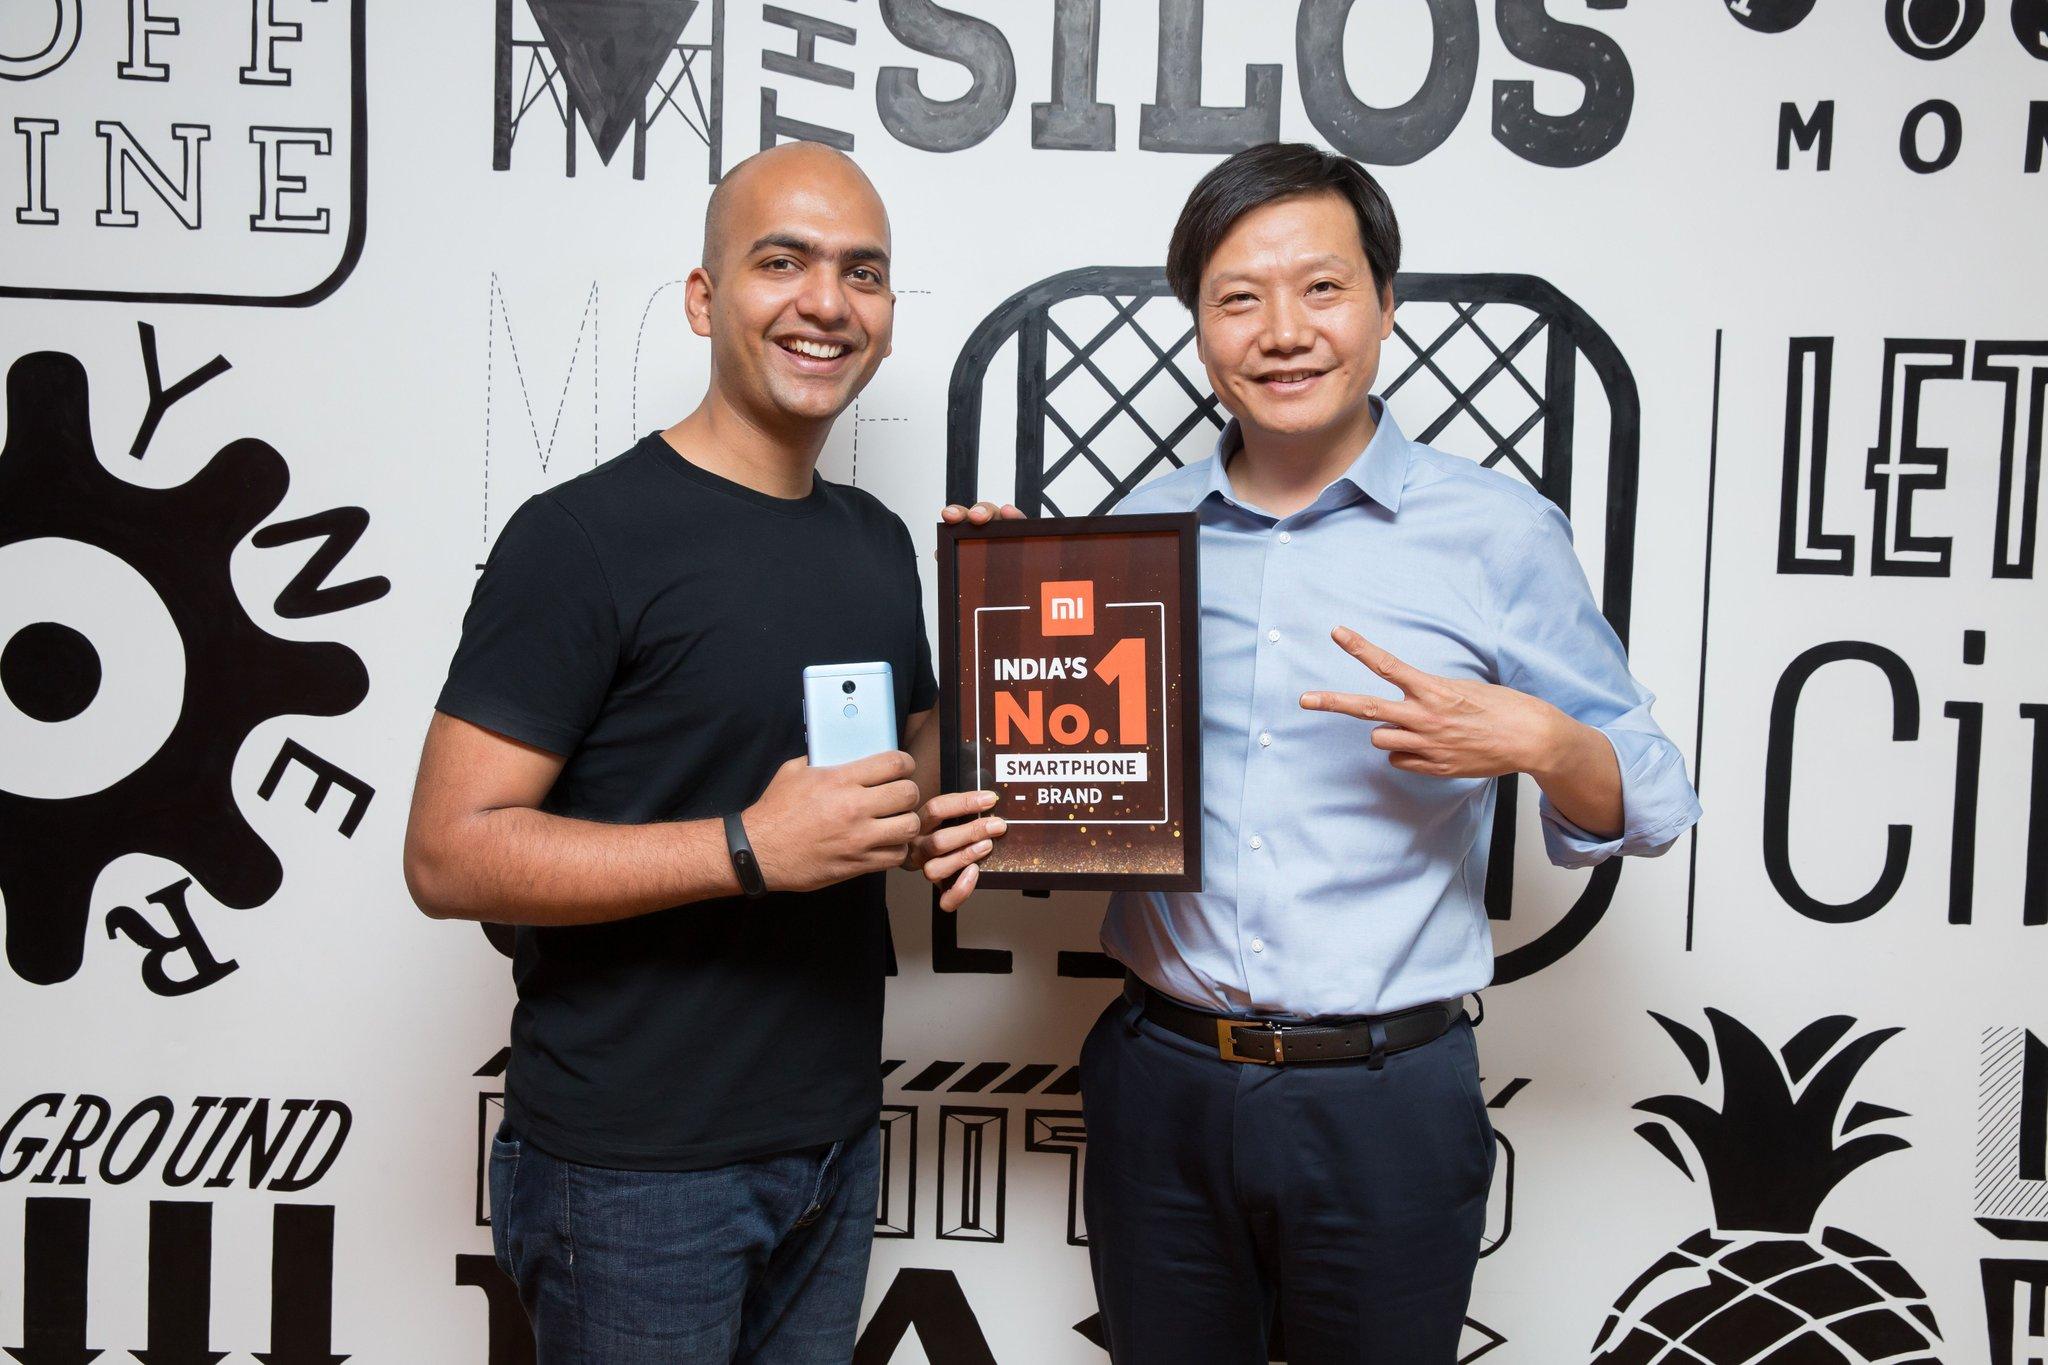 Xiaomi premier des ventes en Inde, Samsung réfute